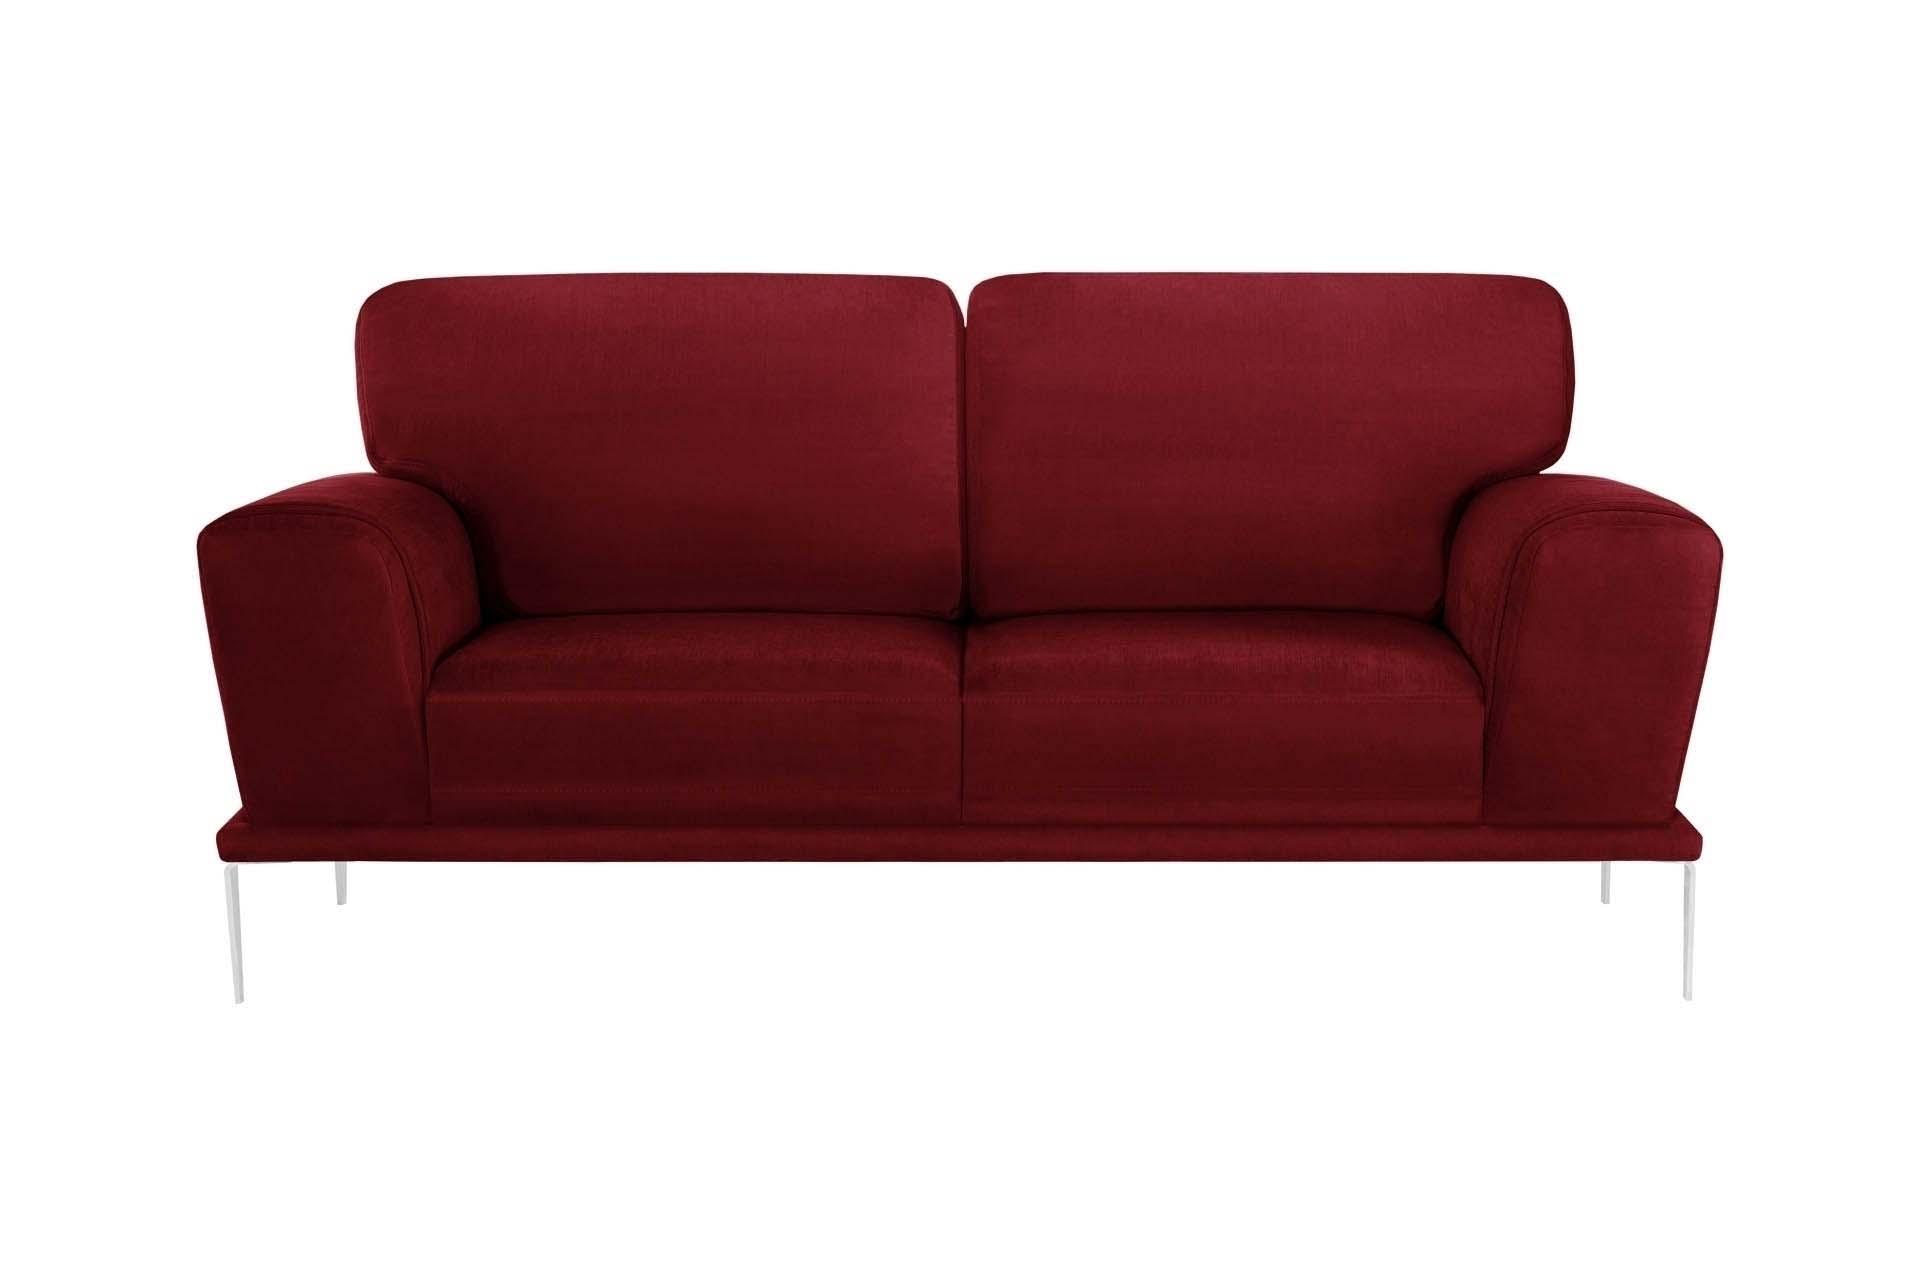 Canapé 2 places toucher coton rouge glamour